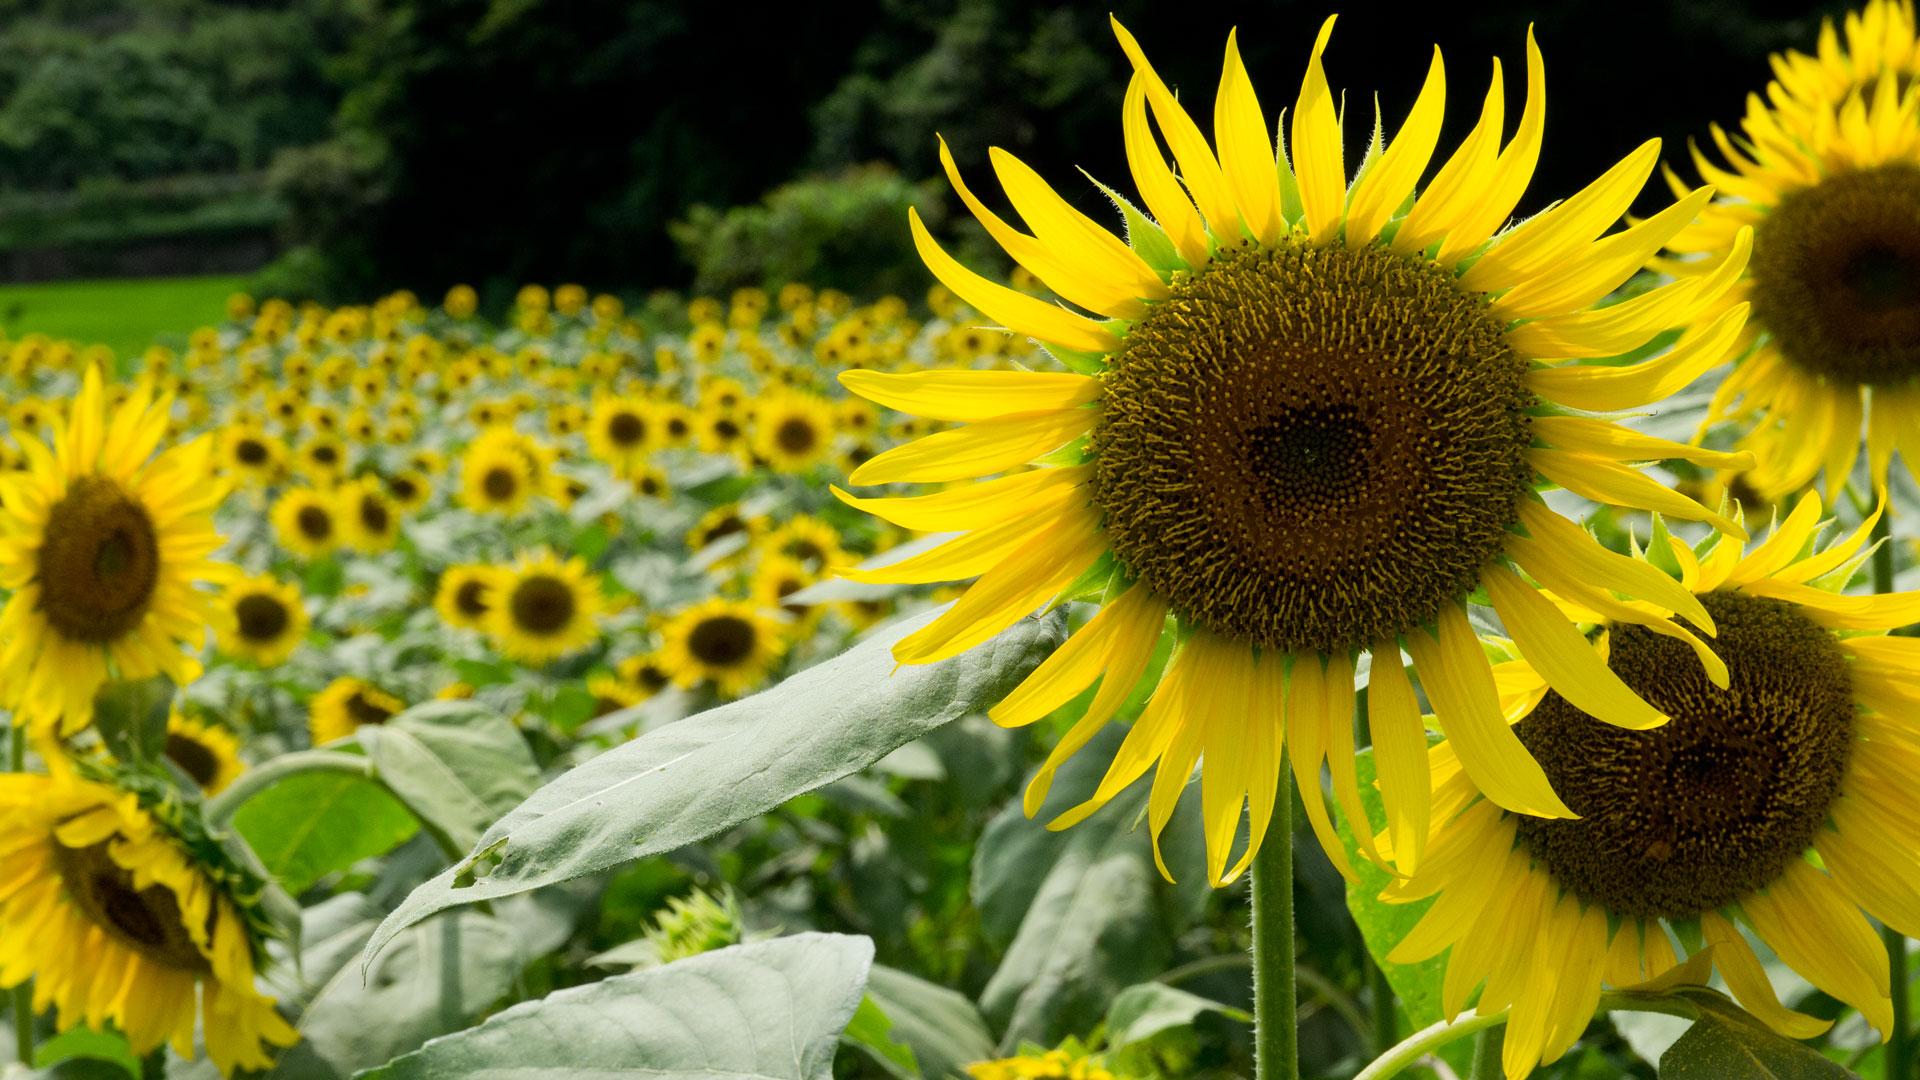 夏の花 ひまわり 太陽に向かってのデスクトップ壁紙 ワイド画面 1920 1080